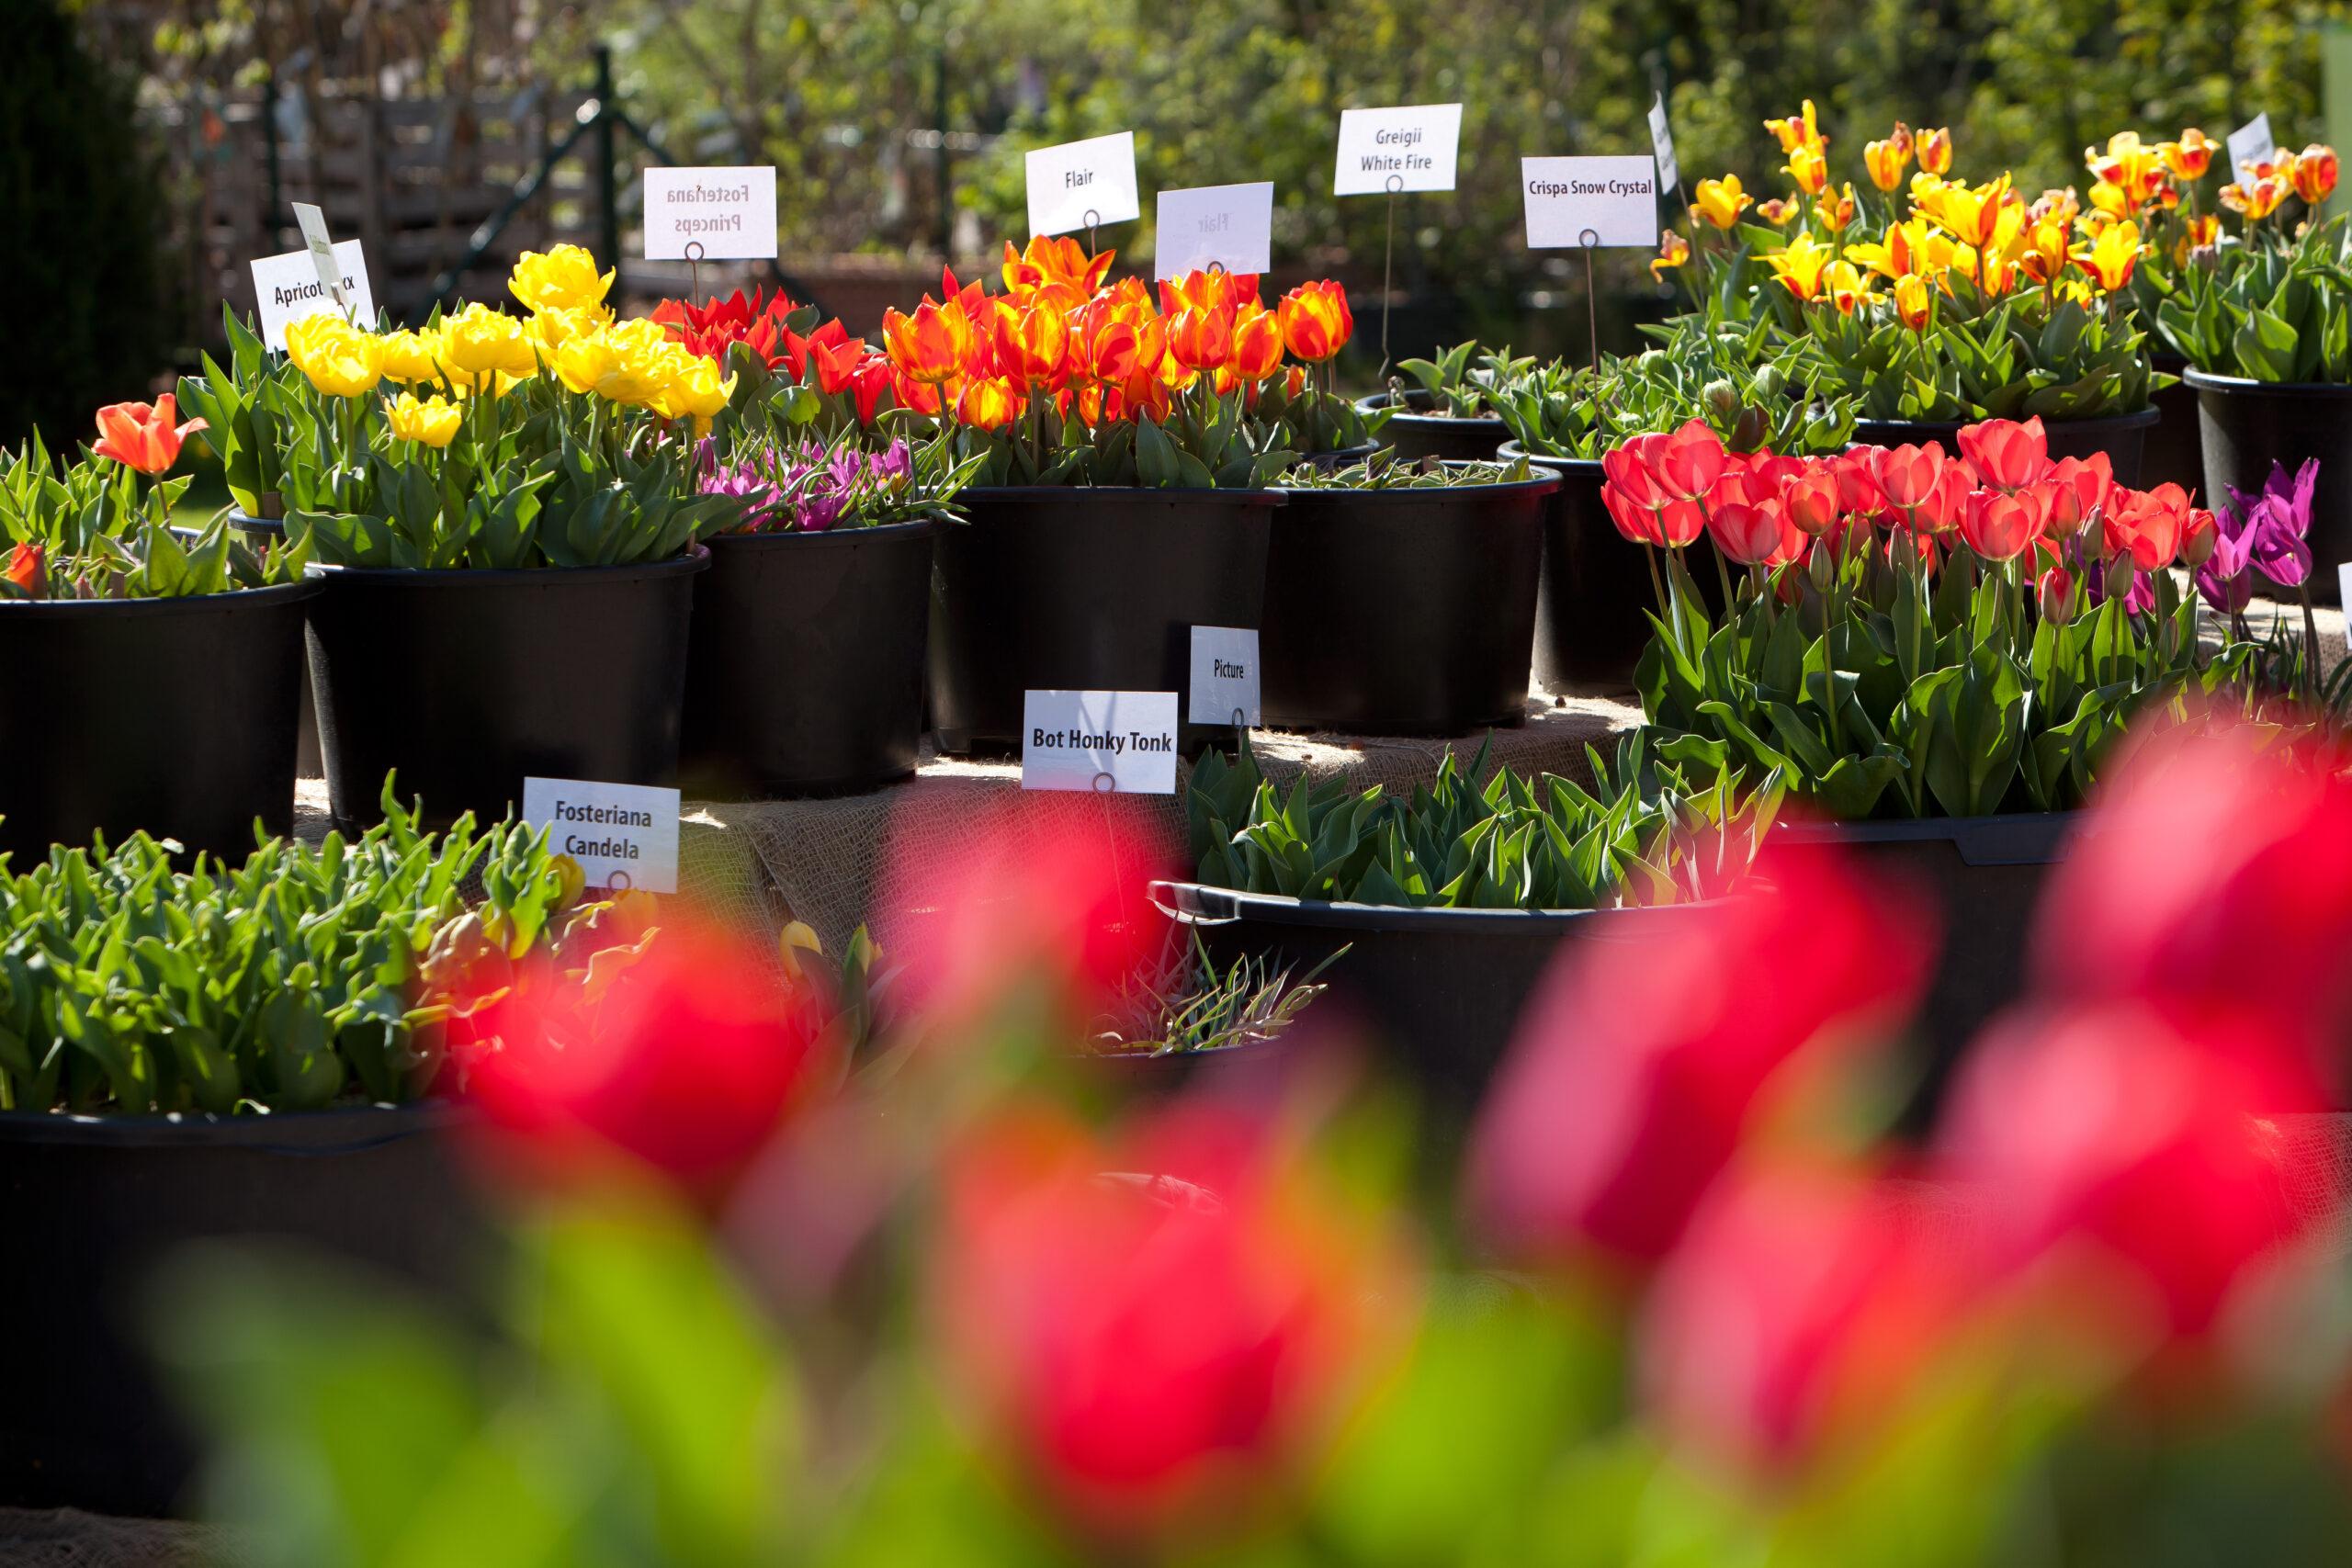 Pressefoto zur Tulpensortenschau in den Baumschulen Späth